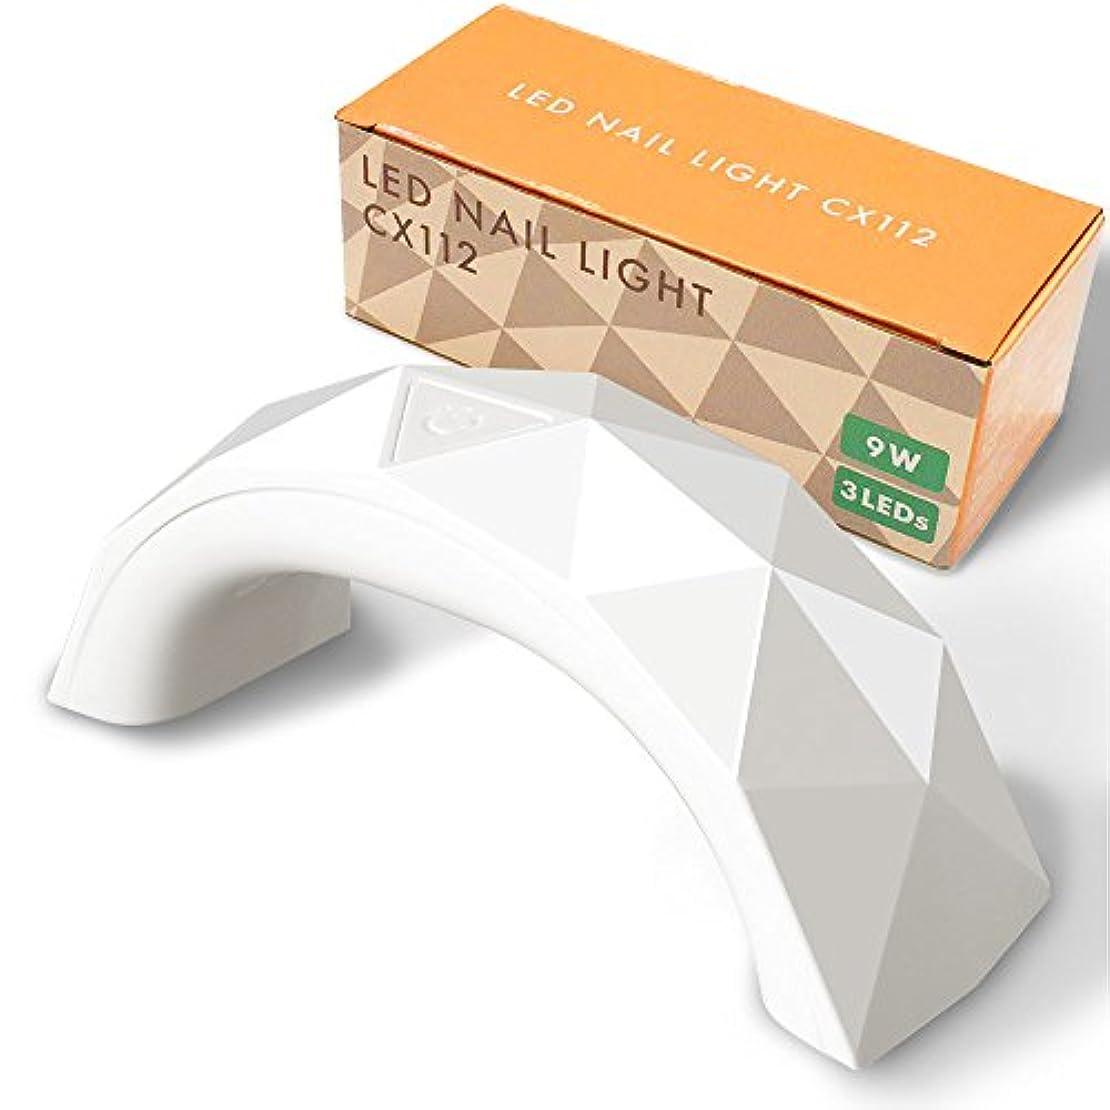 荷物ネーピアうまくいけば【Centrex】【CX112】ジェルネイル LEDライト 9W 硬化用ライト タイマー付き ハイパワーチップ式LED球 USB式 (ホワイト)